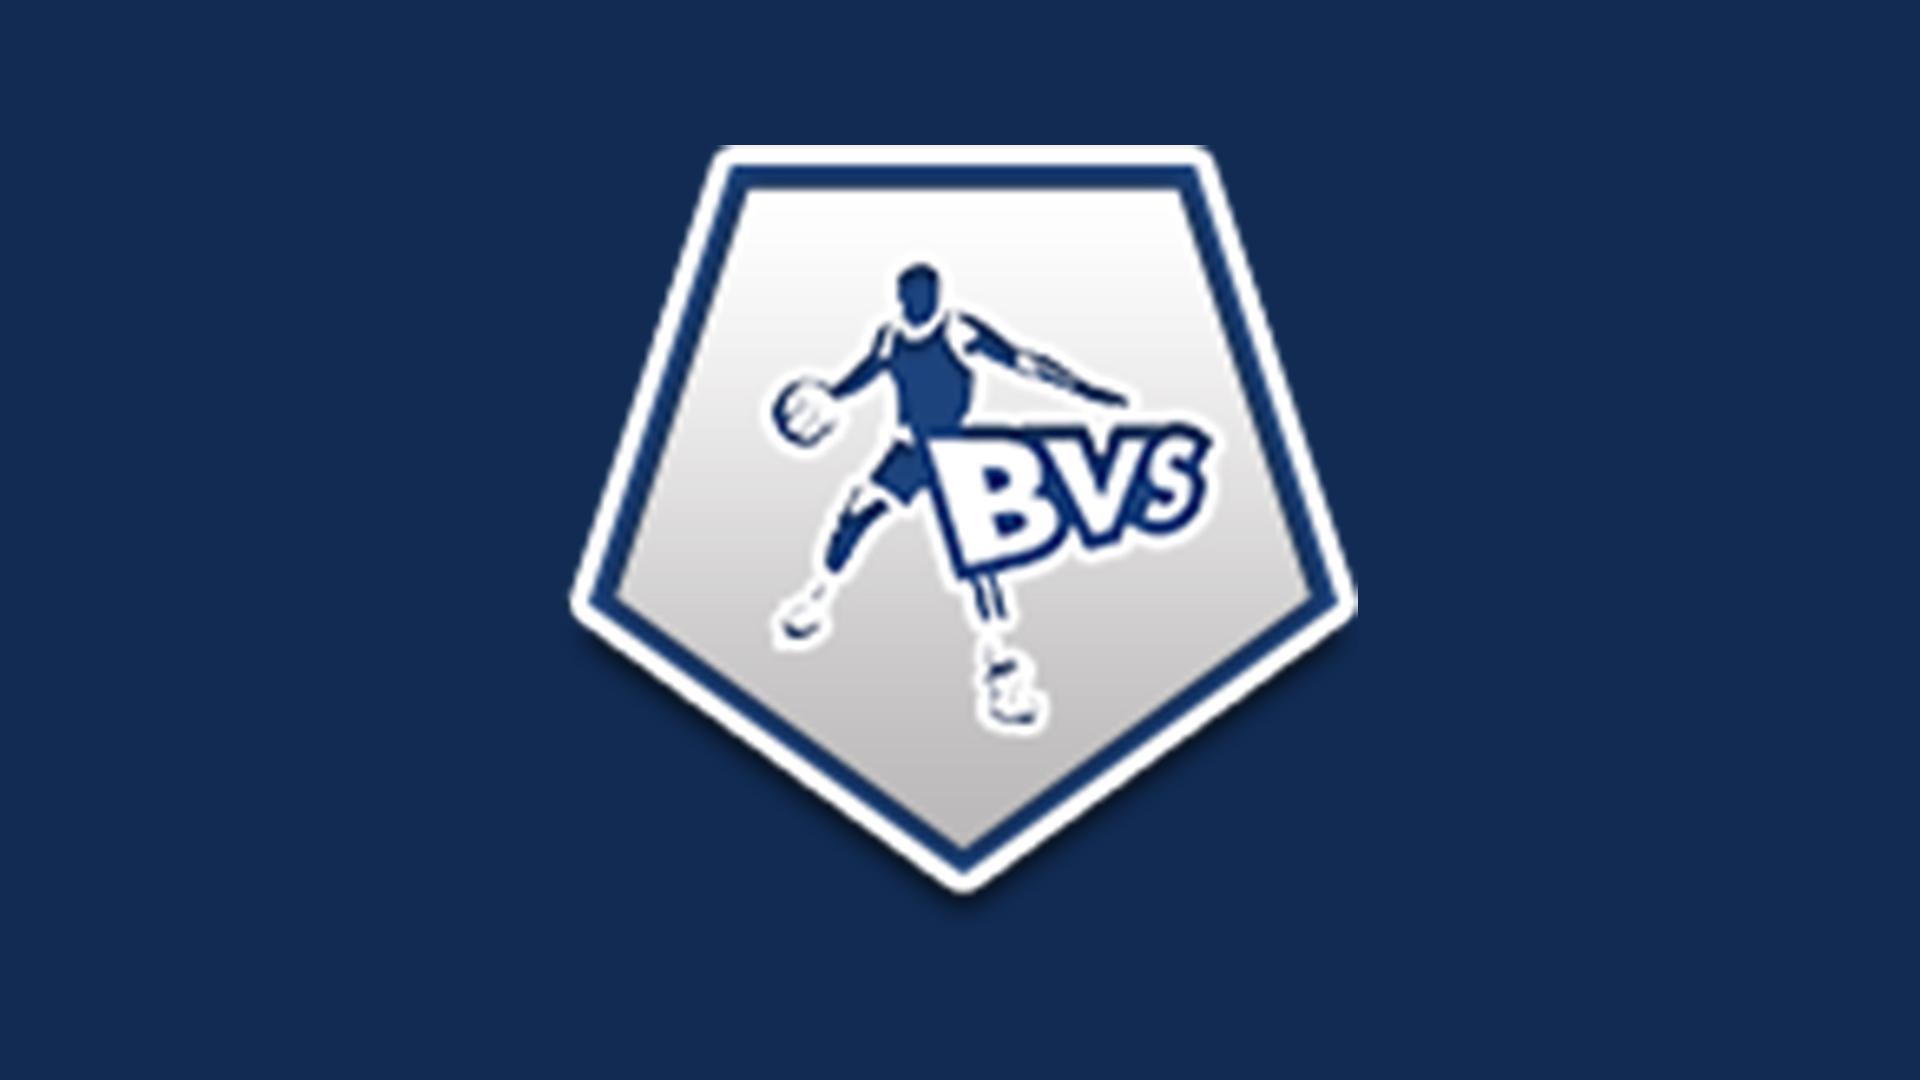 BVS-Team-Placeholder-Donker-Blauw